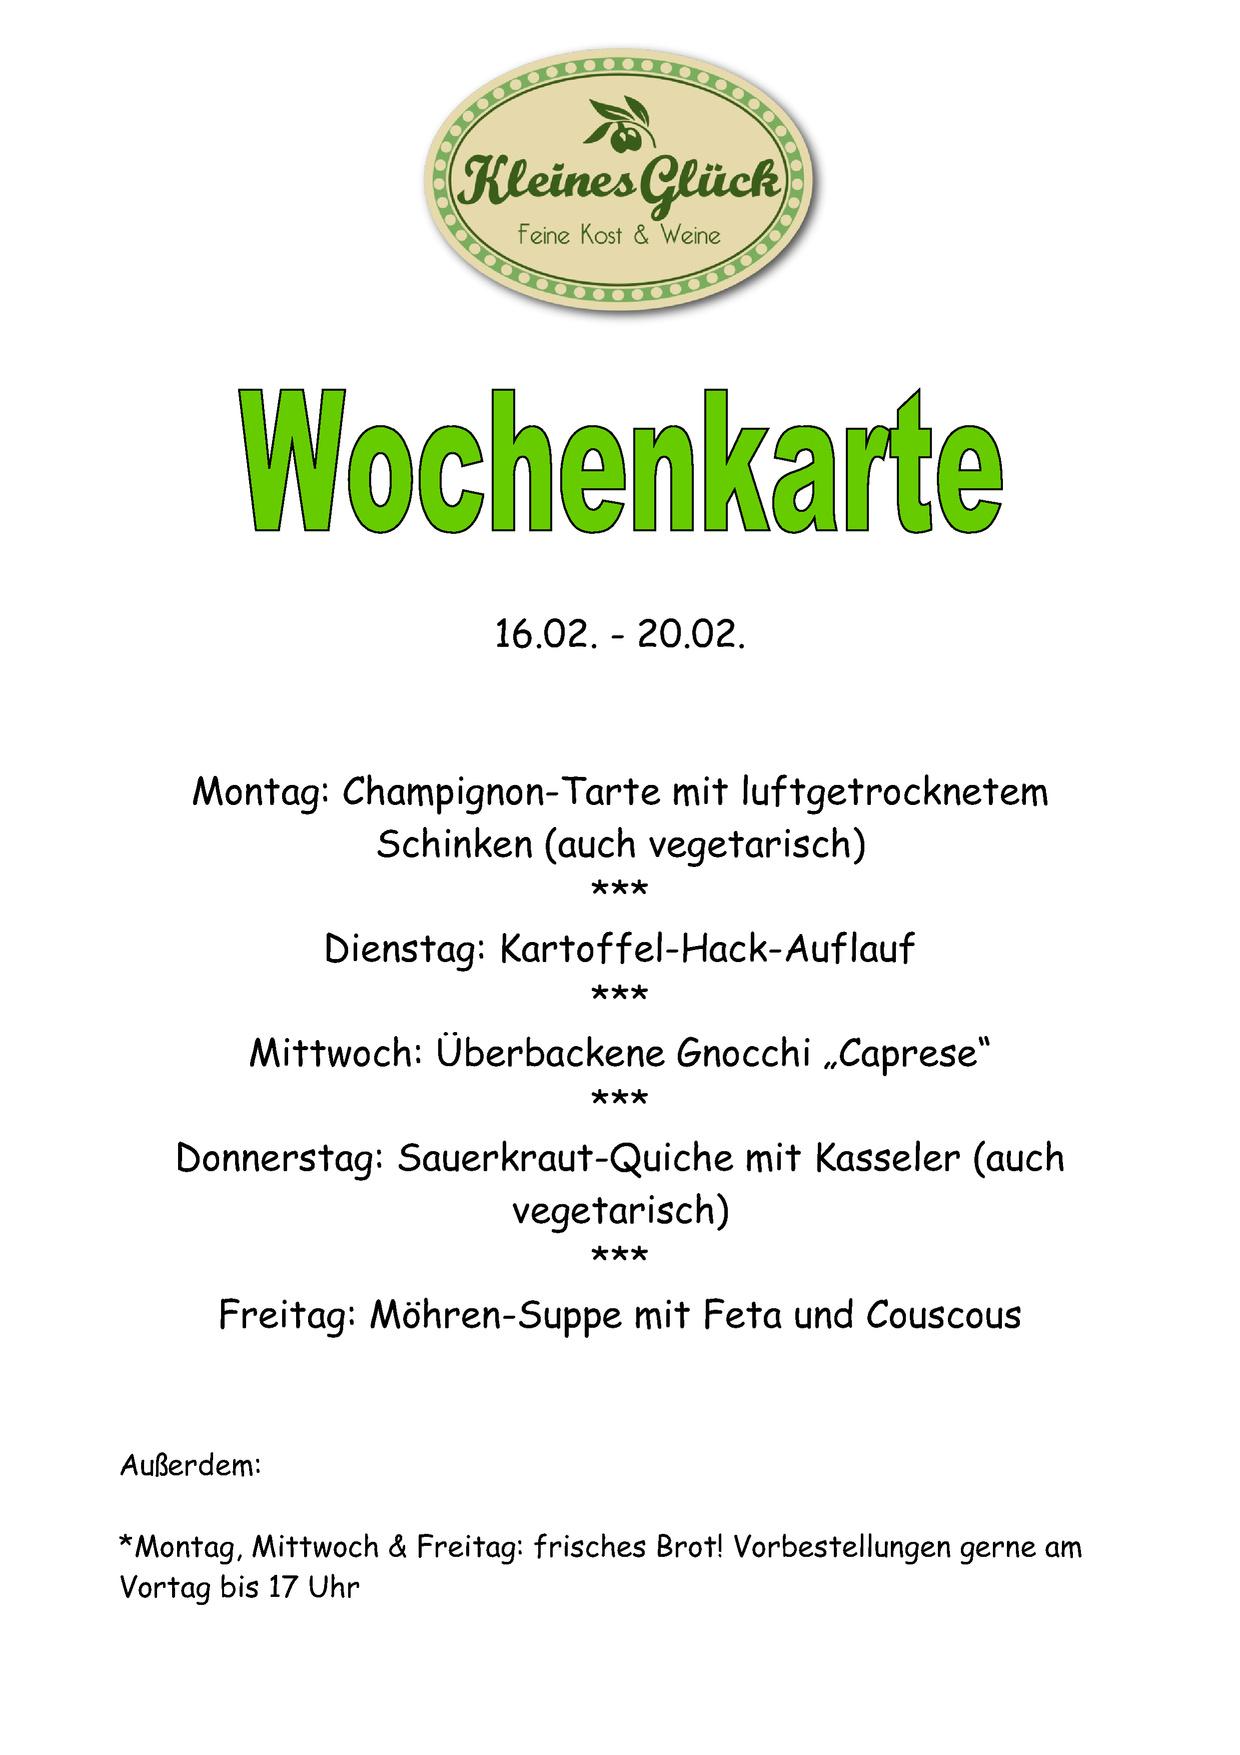 Wochenkarte_15-07